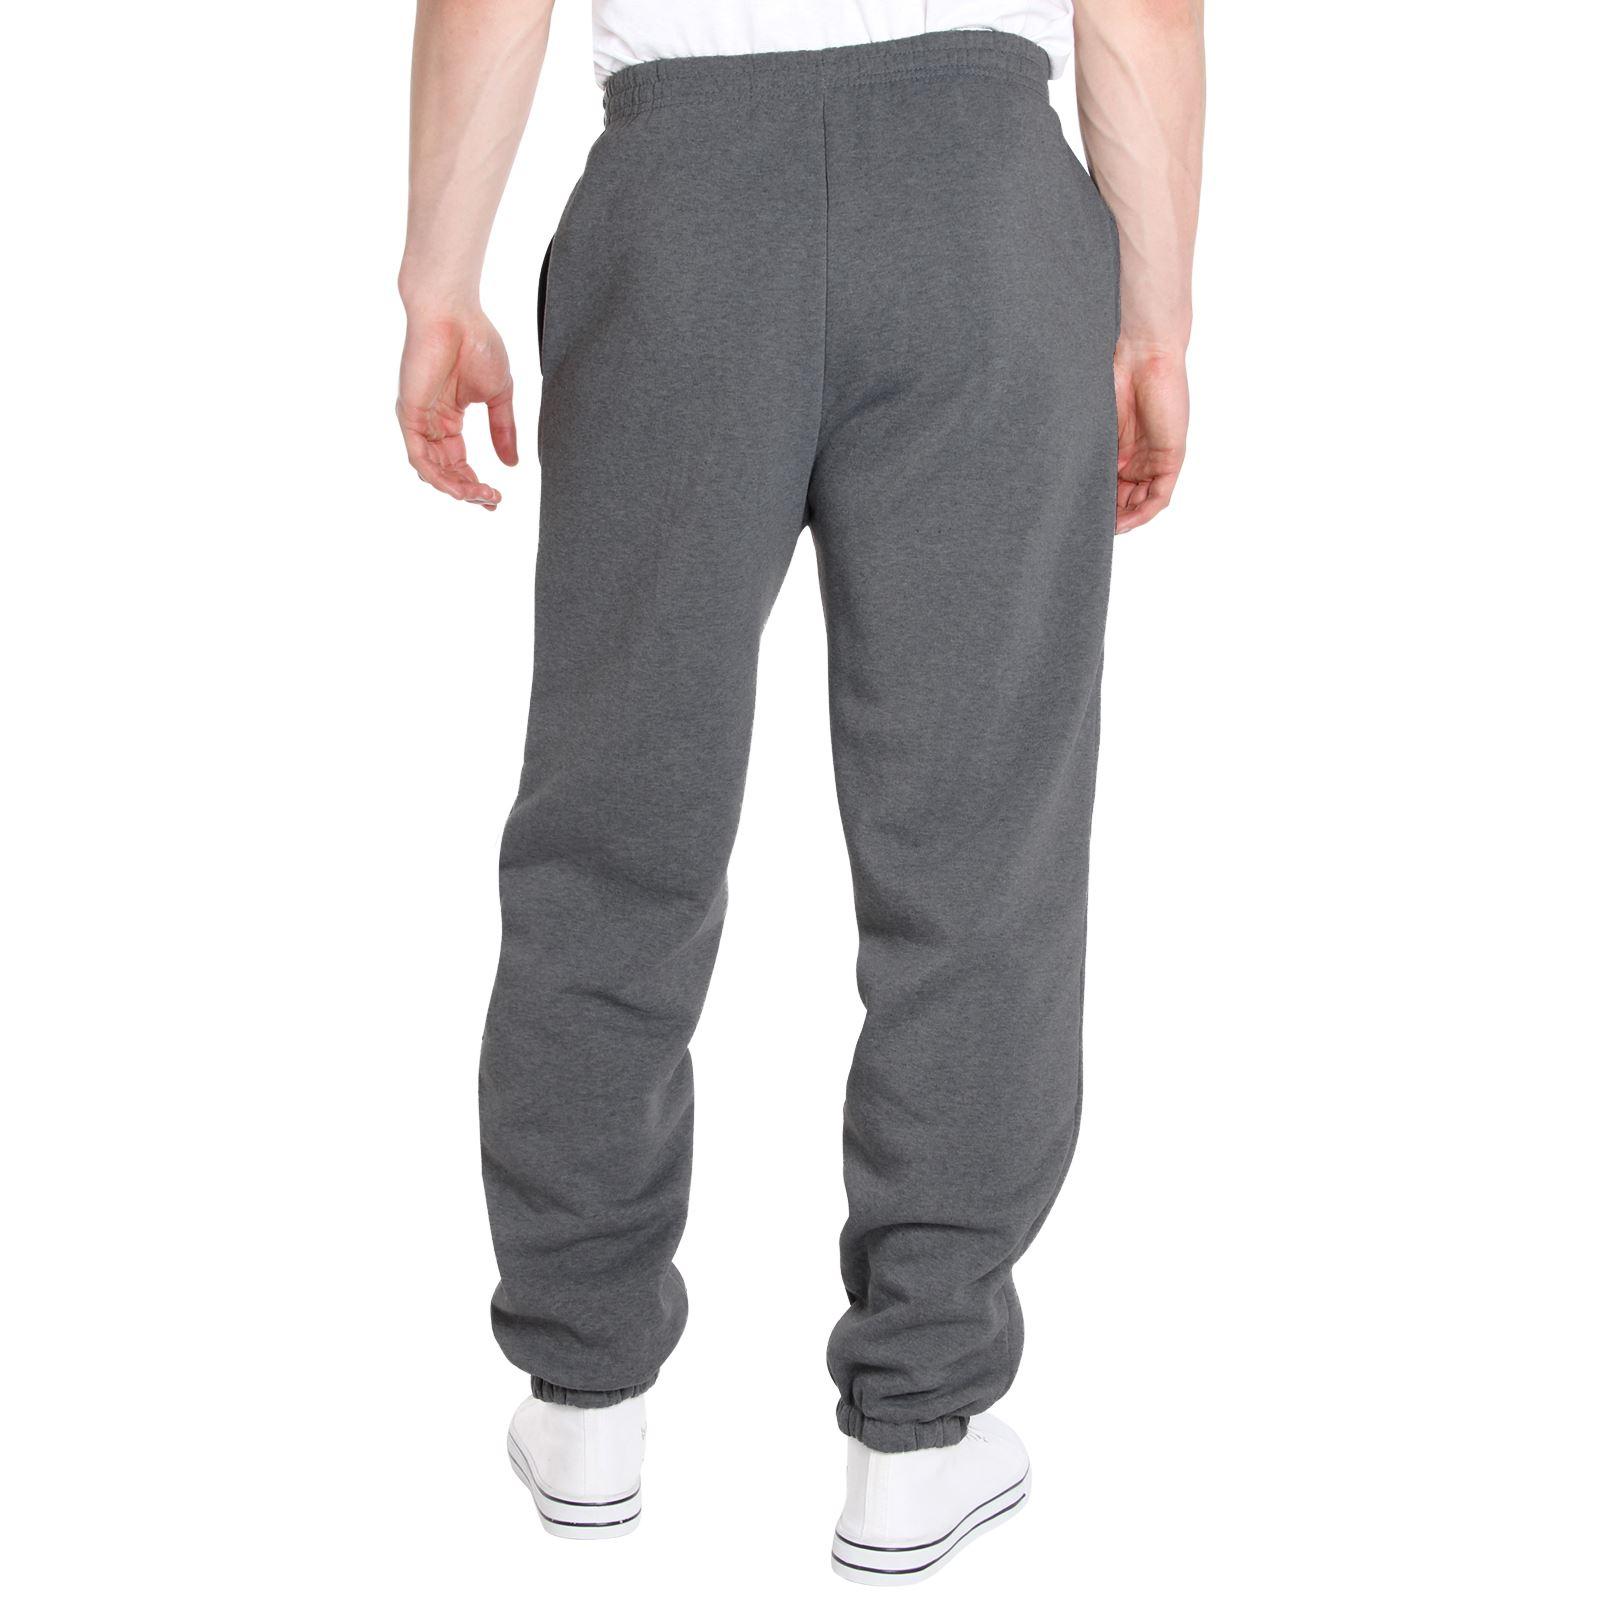 Homme-Pantalon-Double-Polaire-Survetement-Bas-Jogging-Decontracte-Sport-Gym miniature 9